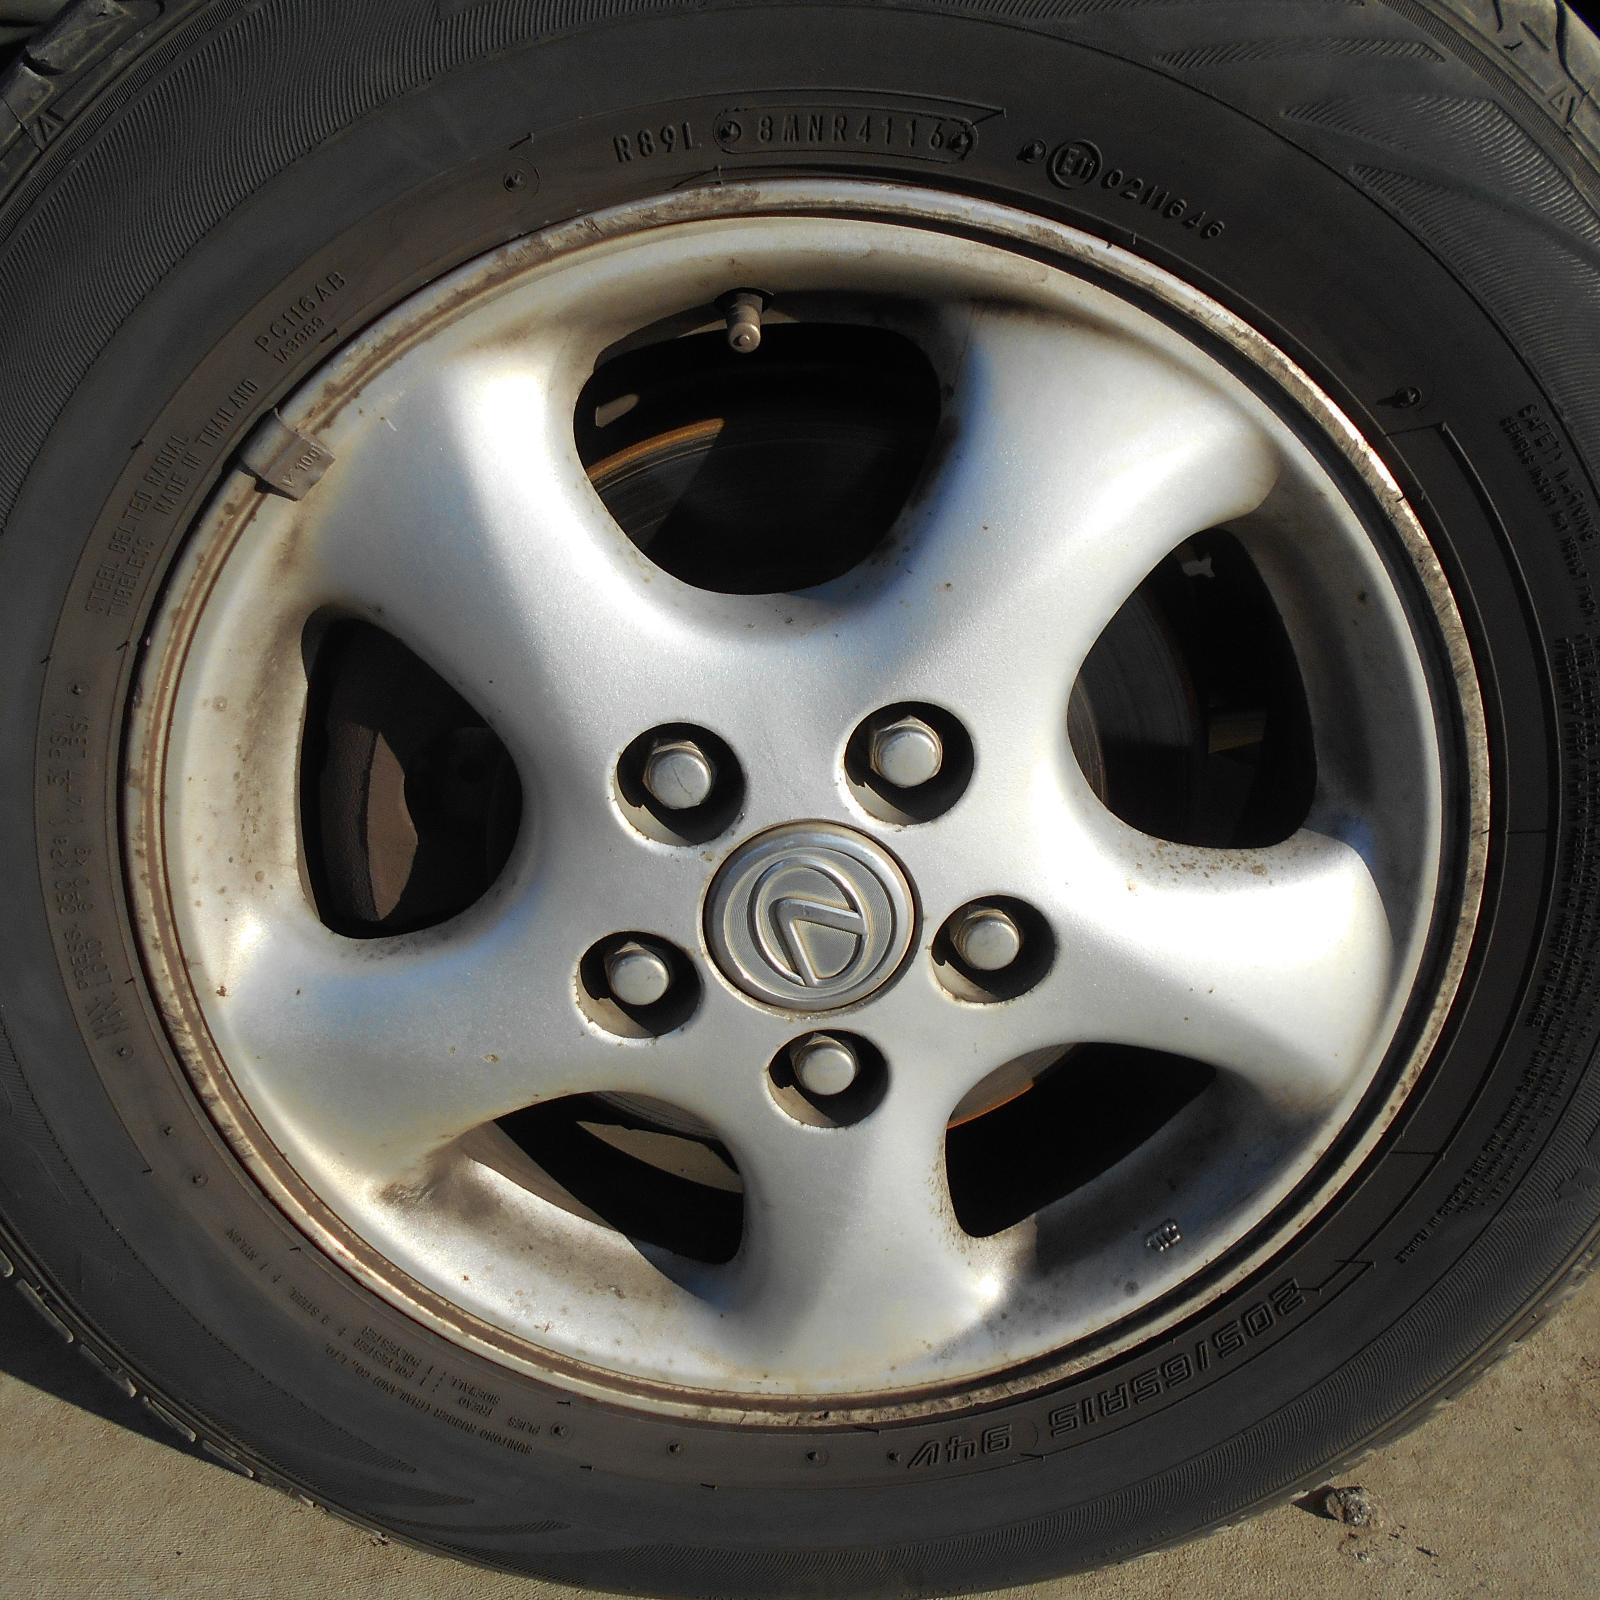 LEXUS ES300 (92-05), Wheel Mag, XV20, 10/96-10/01